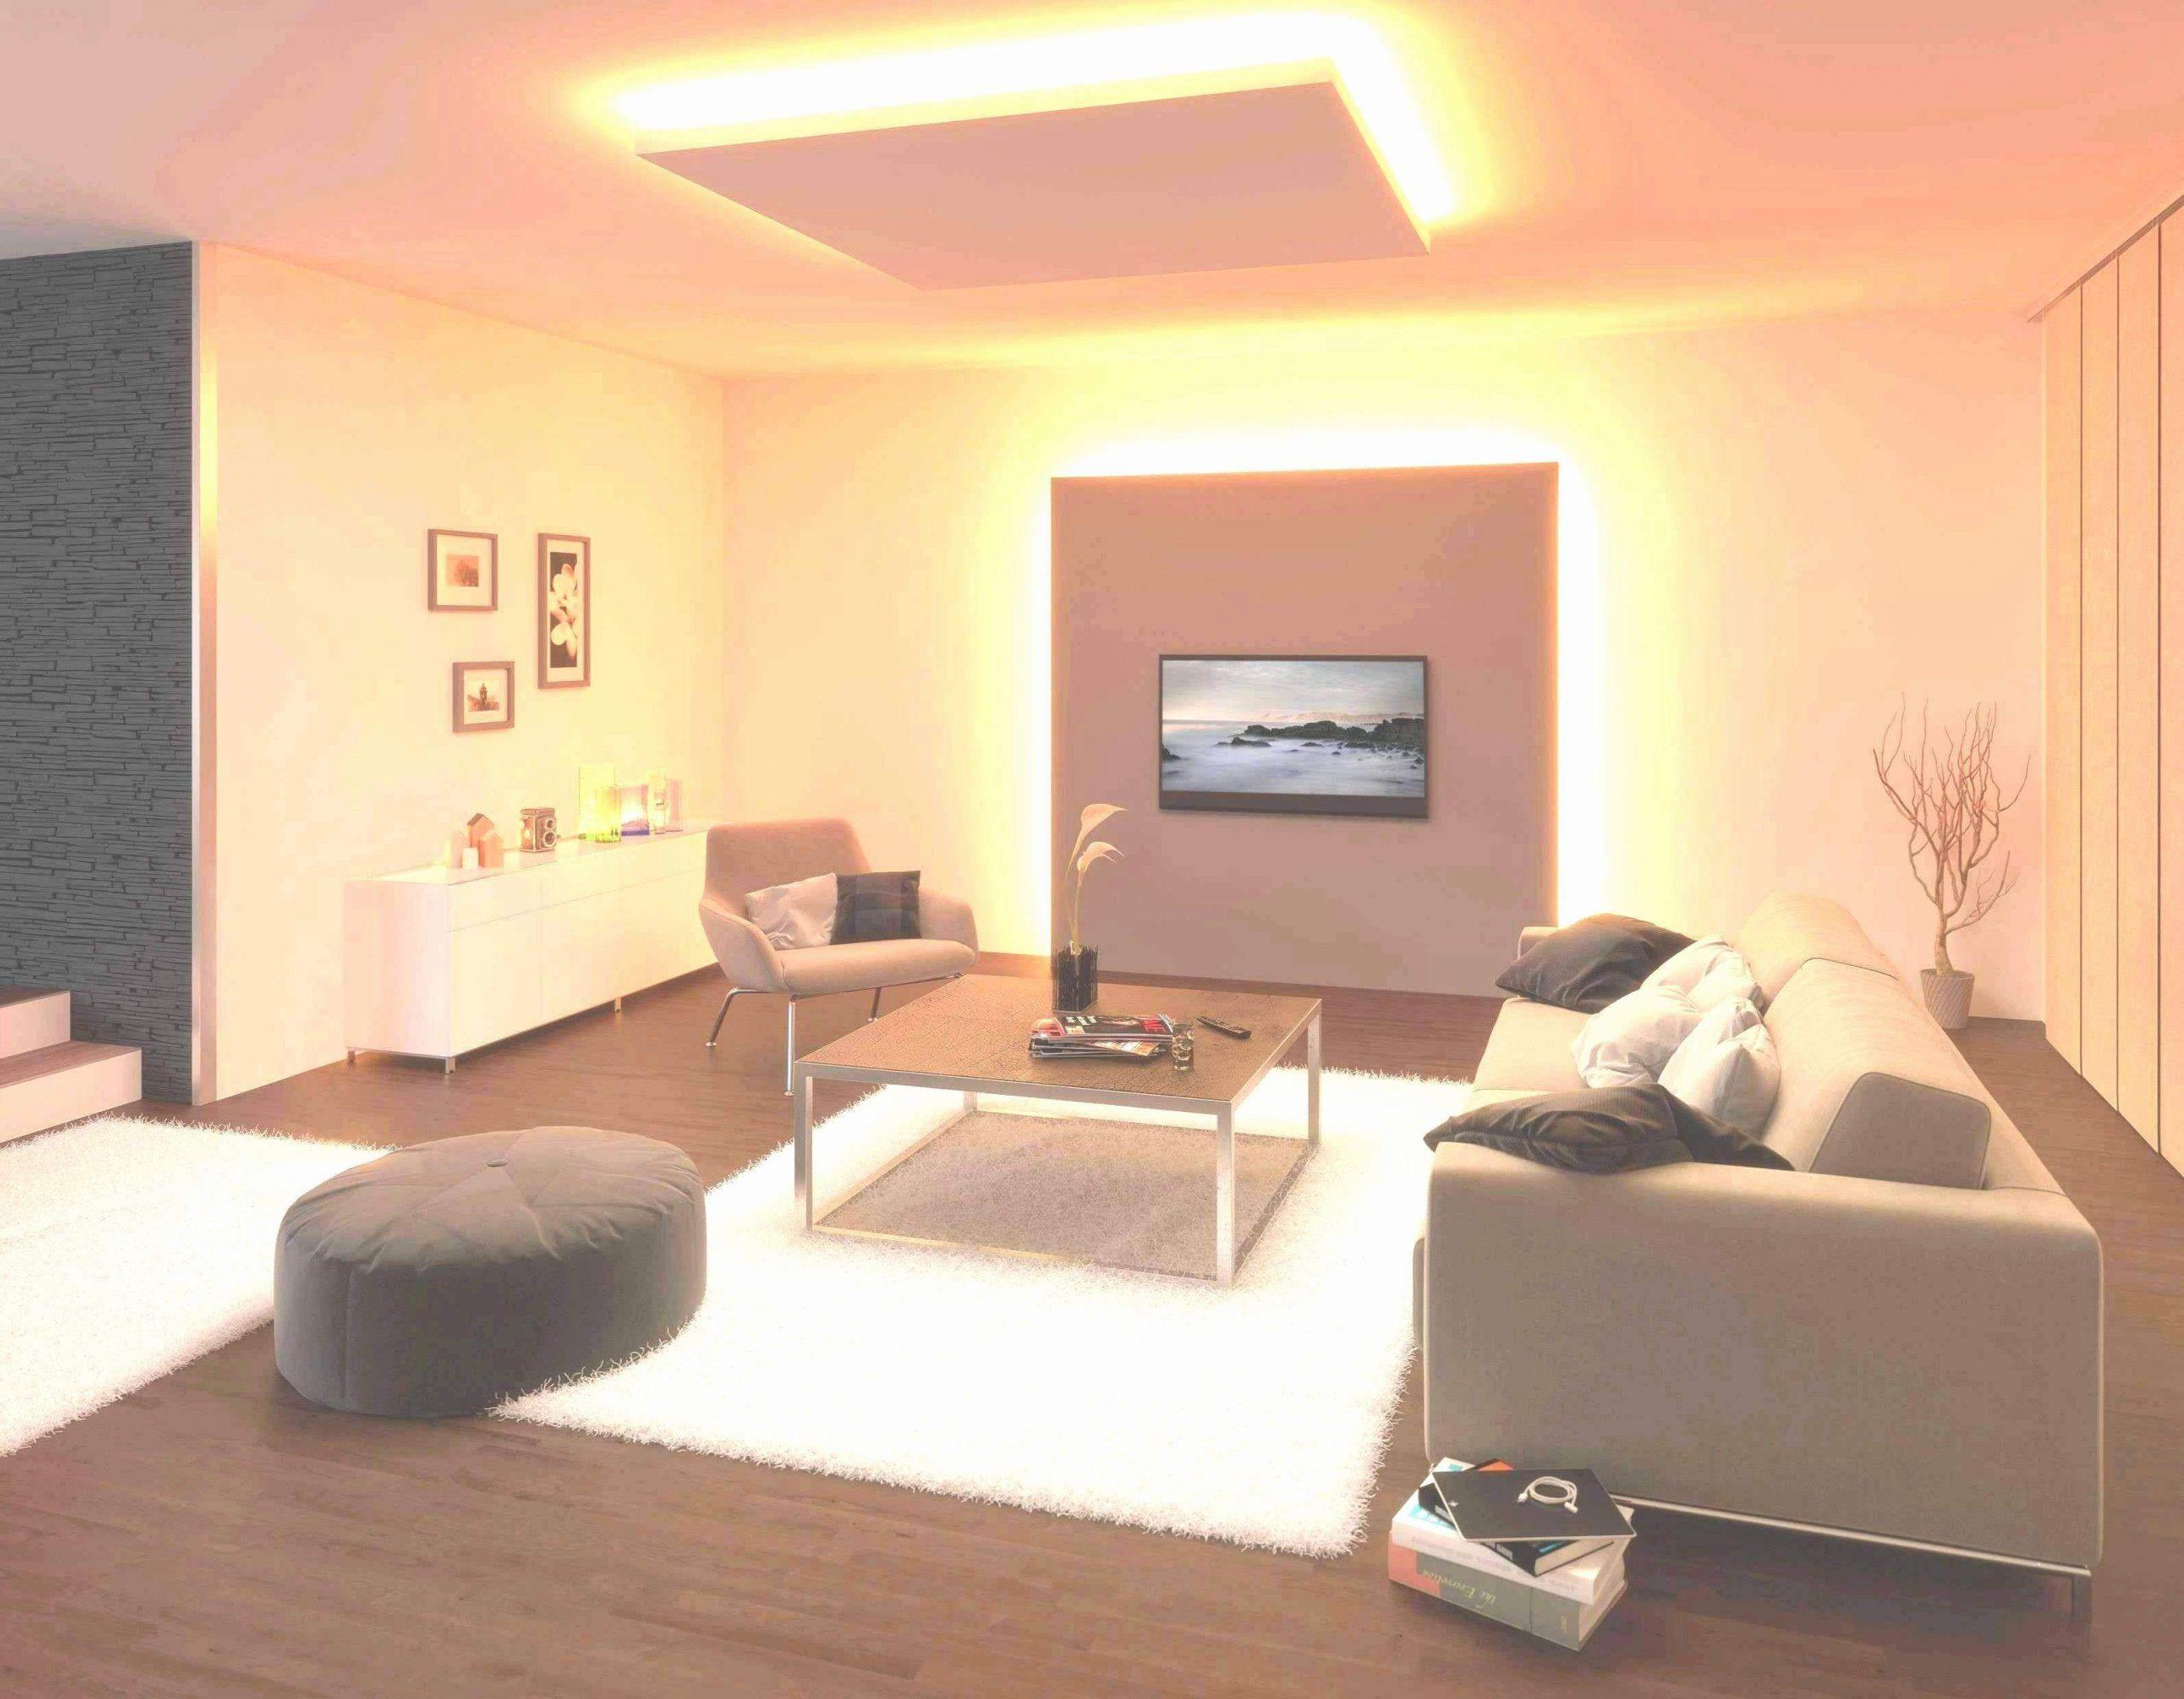 Full Size of Deckenstrahler Wohnzimmer Reizend Genial Wohnzimmer Beleuchtung Wohnzimmer Deckenstrahler Wohnzimmer